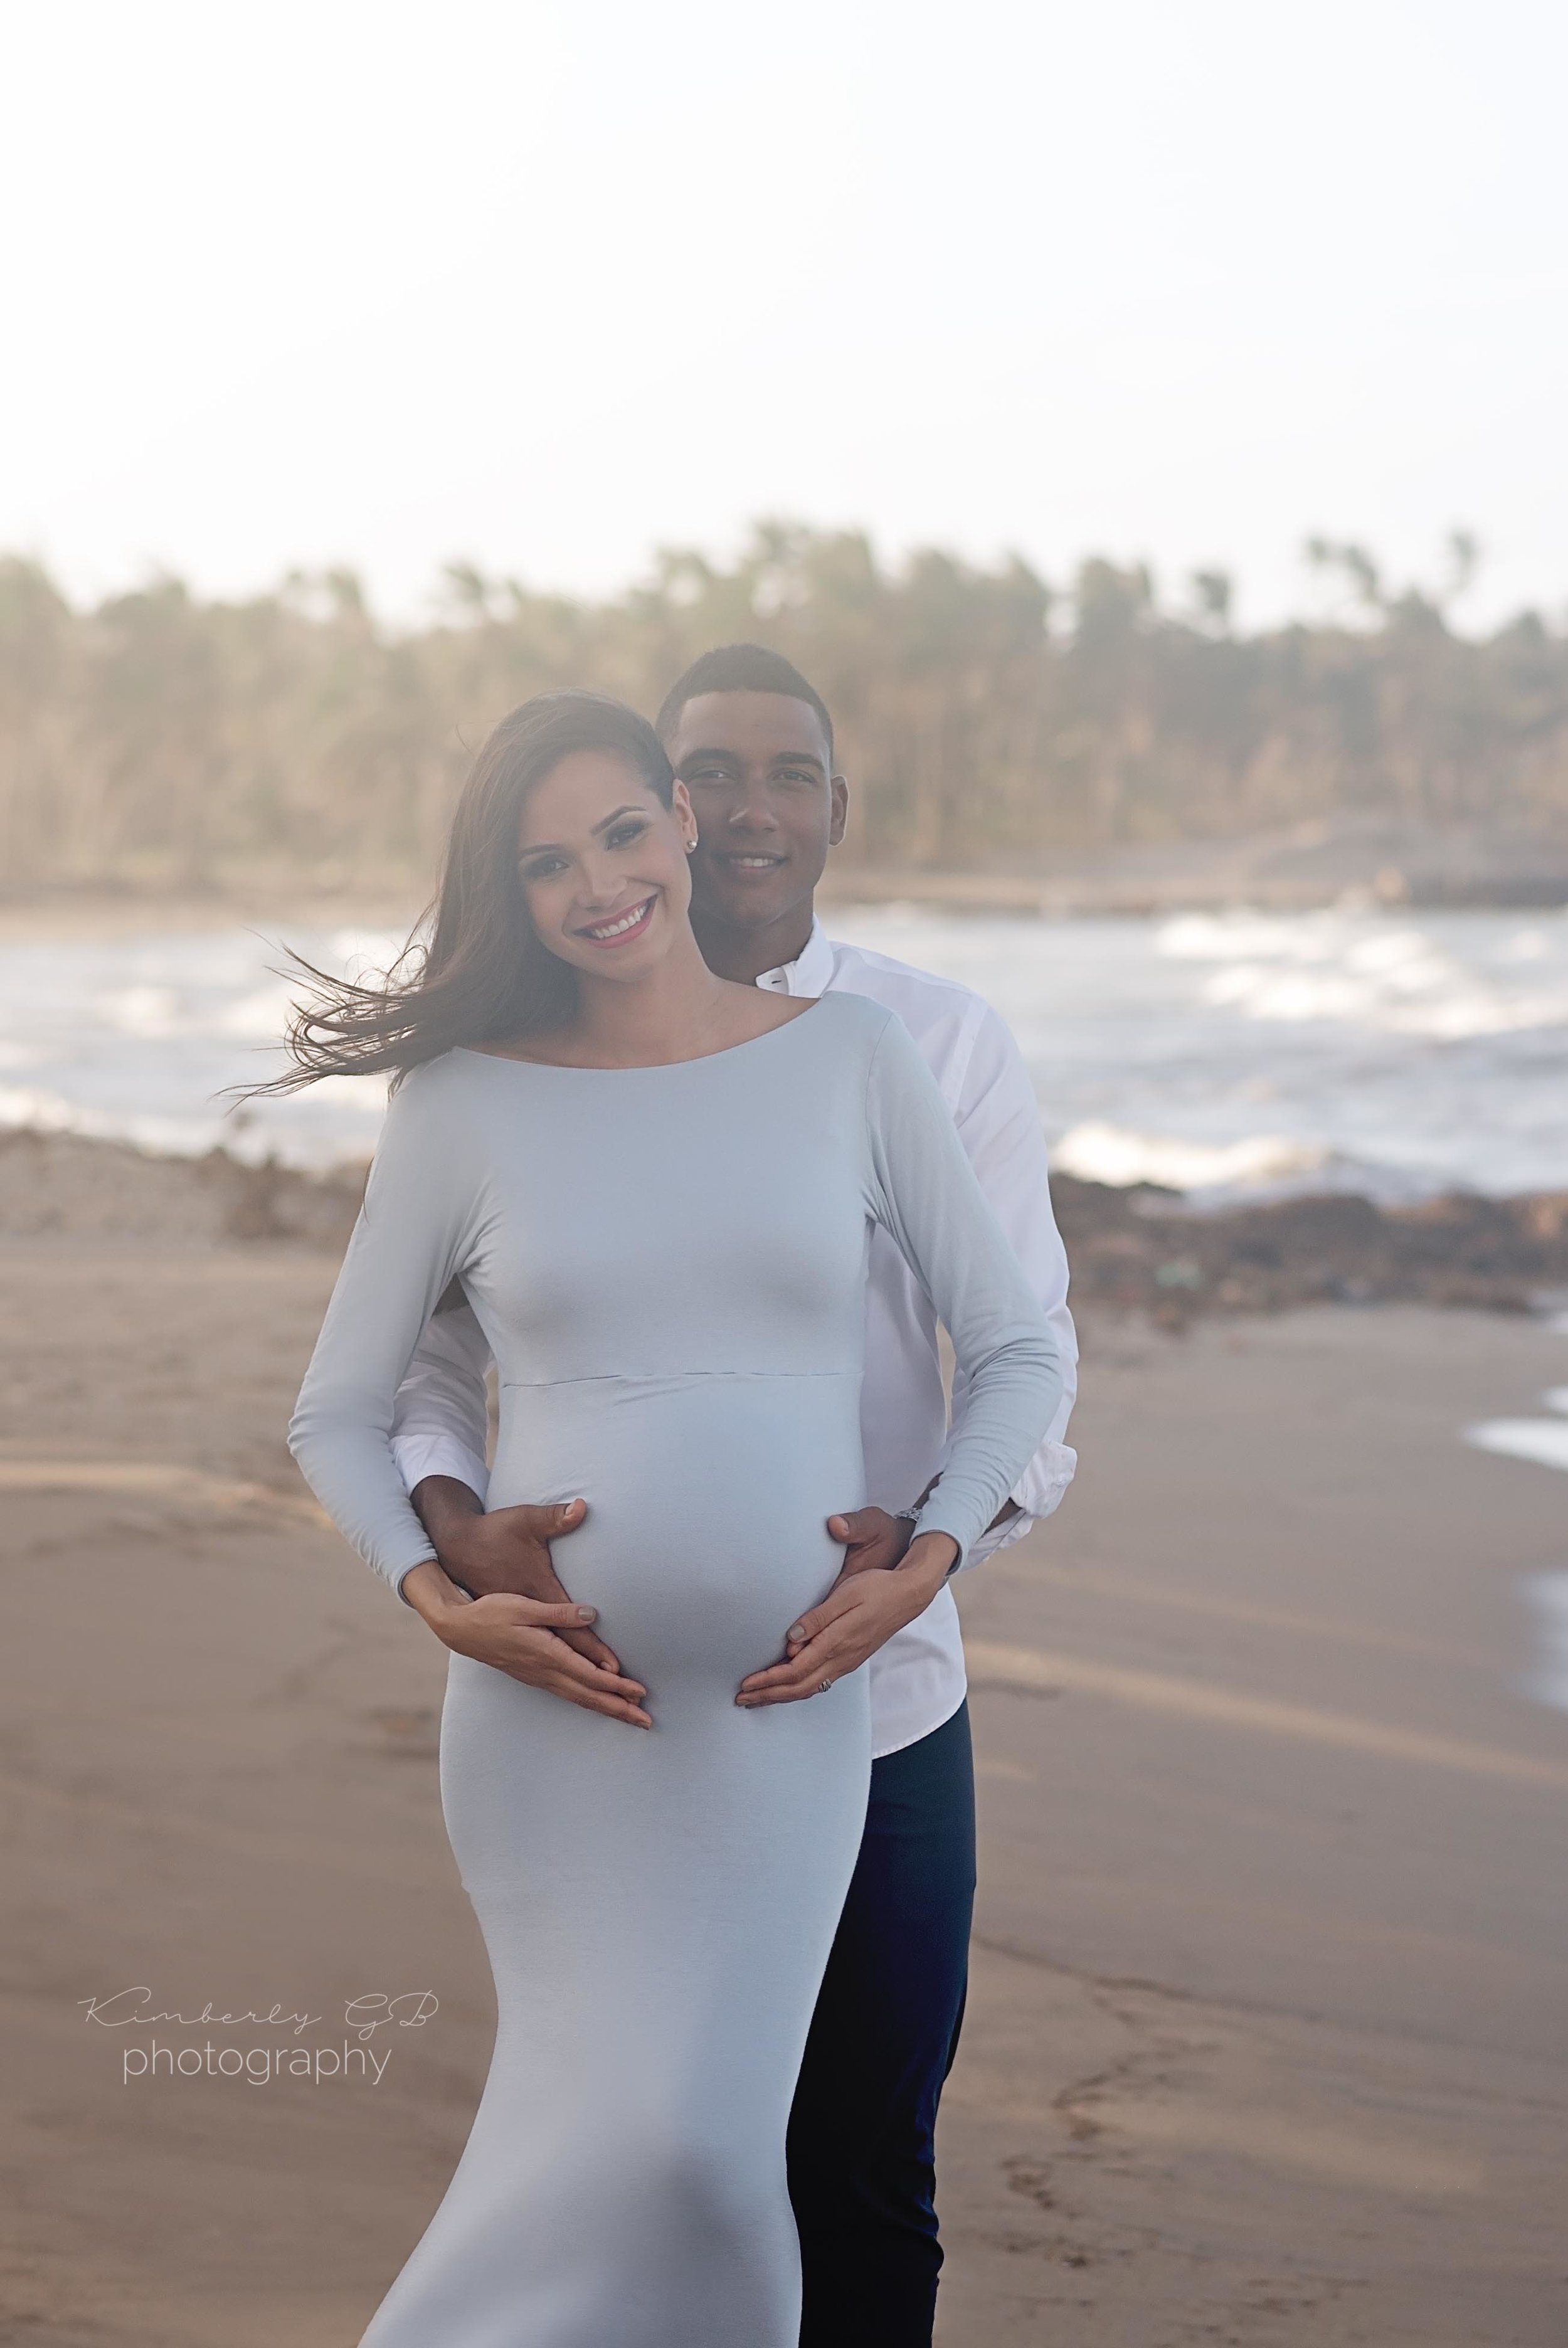 fotografia-fotografa-de-maternidad-embarazo-embarazada-en-puerto-rico-fotografia-52.jpg